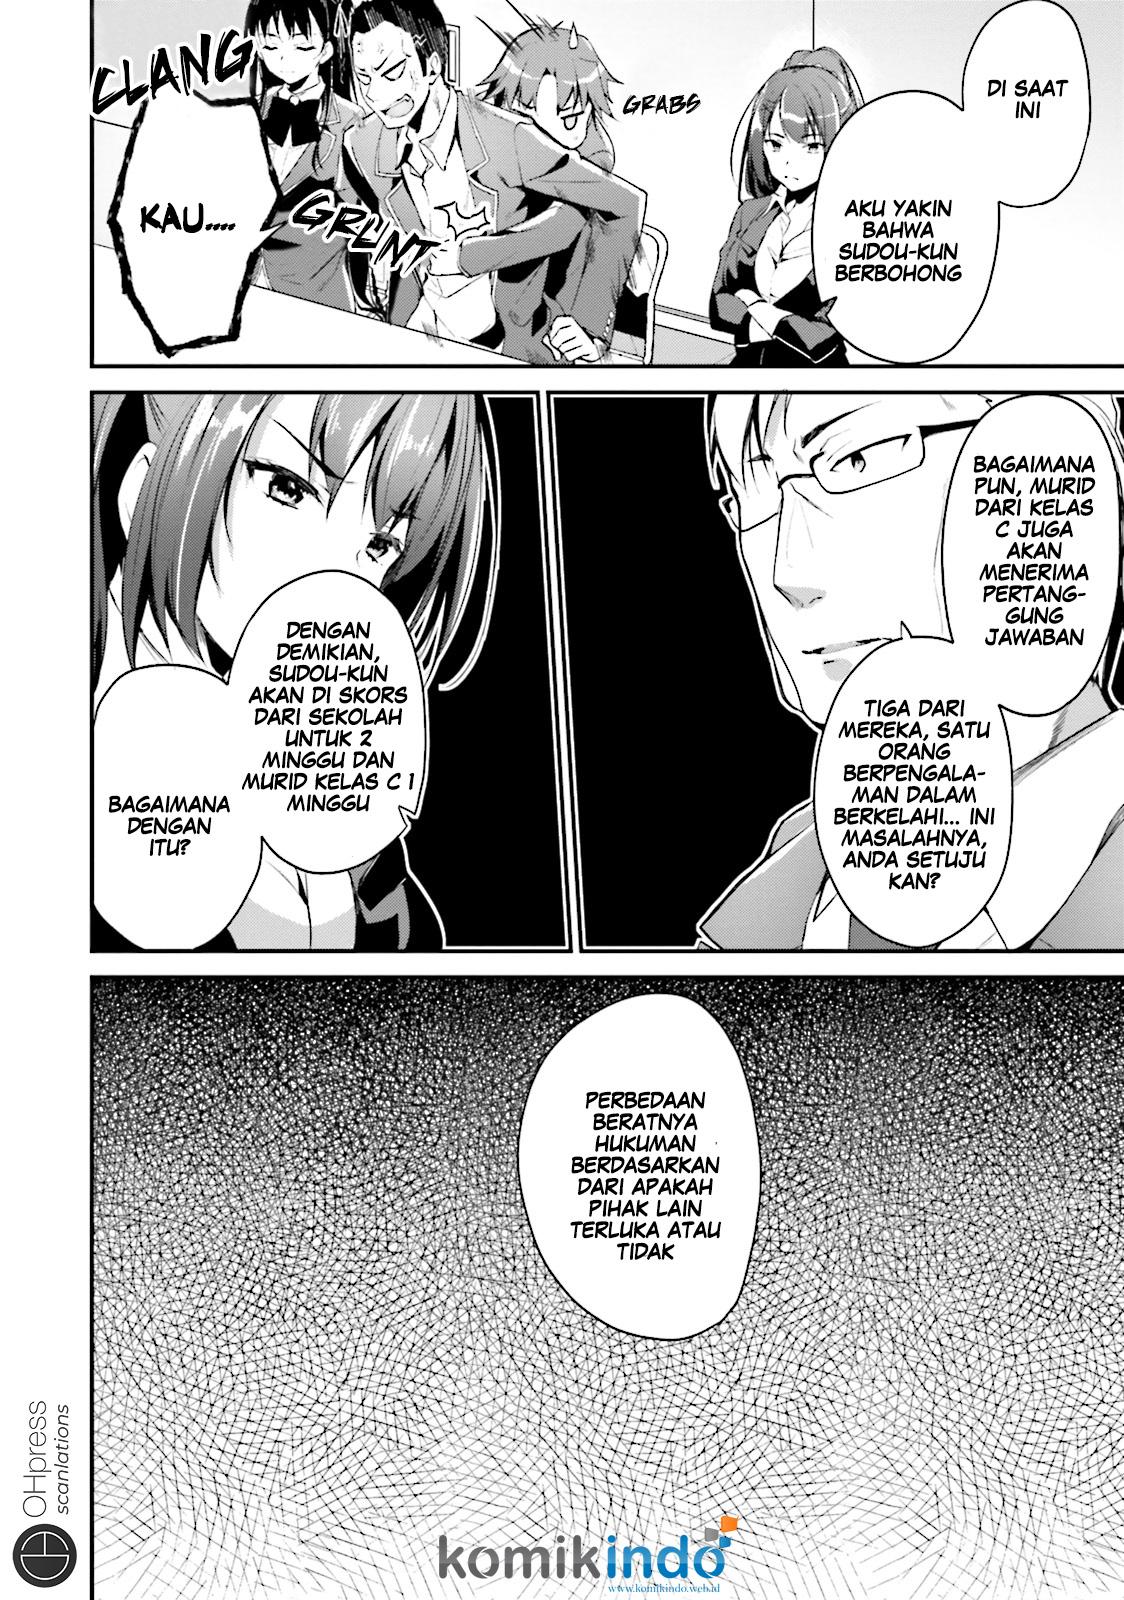 Baca Komik Youkoso Jitsuryoku Shijou Shugi no Kyoushitsu e Chapter 13 Bahasa Indonesia Page 16